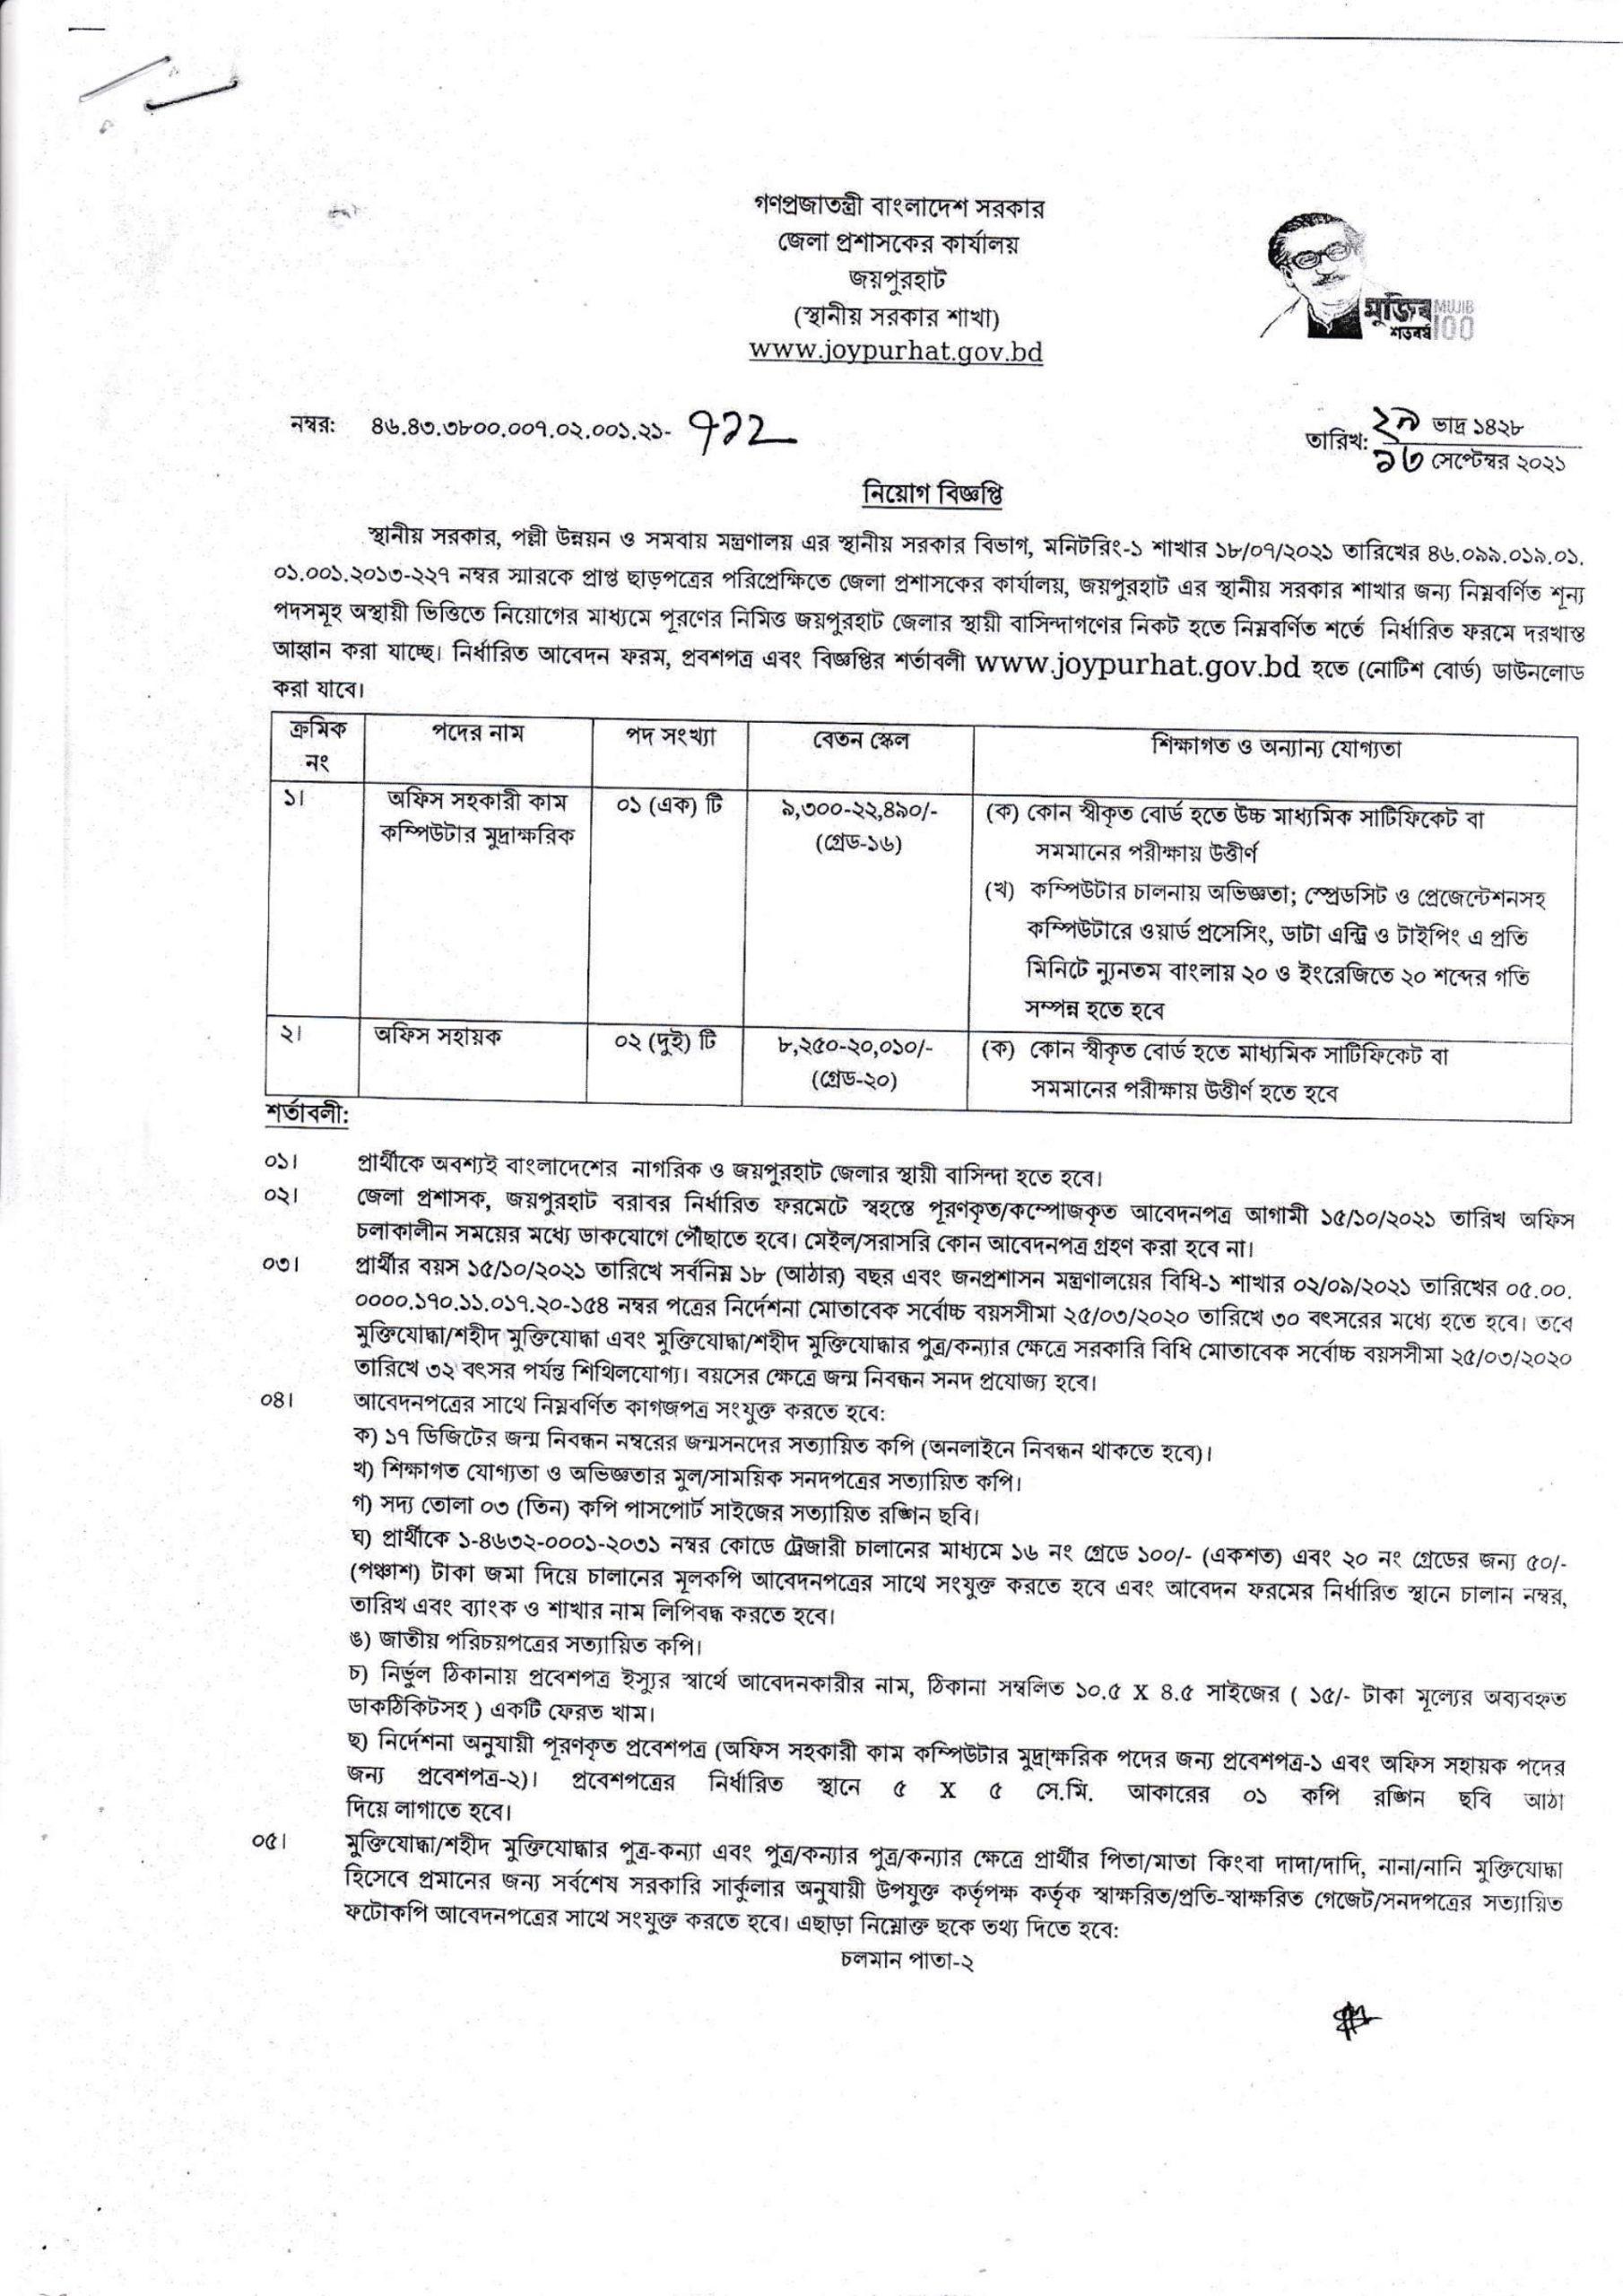 Joypurhat DC Office Job Circular 2021 জয়পুরহাট জেলা প্রশাসকের কার্যালয় নিয়োগ বিজ্ঞপ্তি ২০২১, Joypurhat District Commissioner Office Job Circular 2021-1